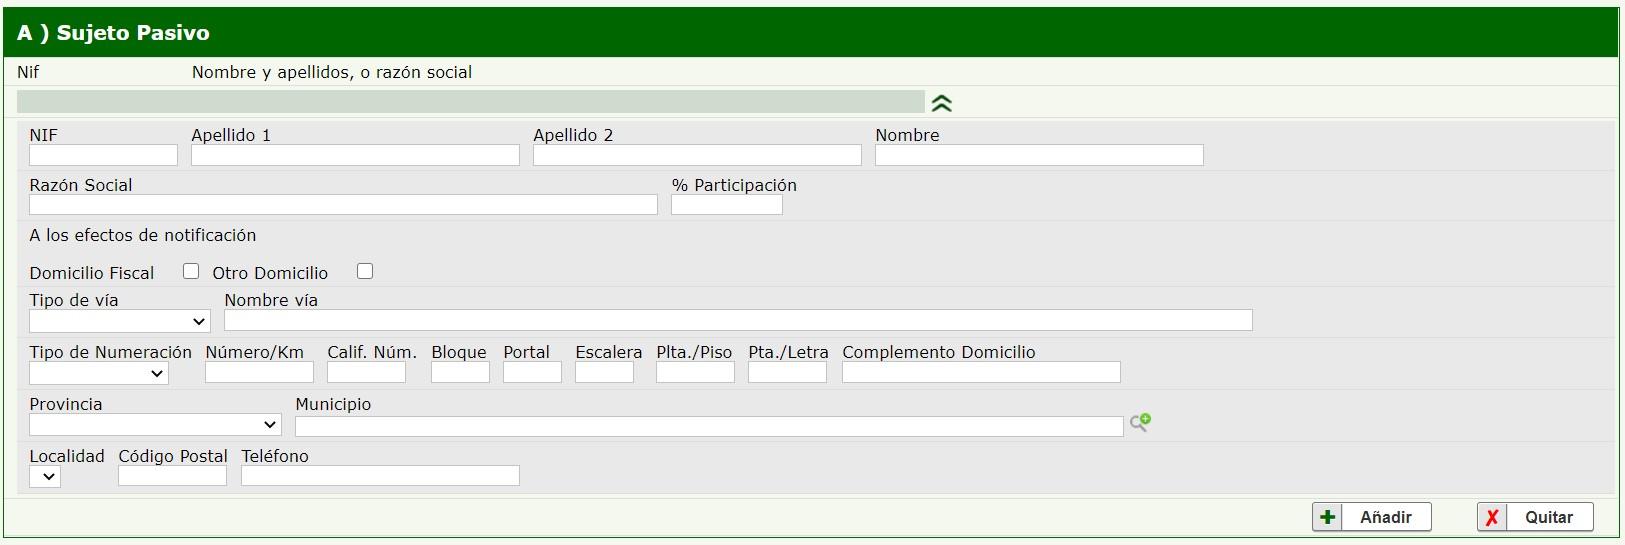 Formulario 621 Junta de Andalucía